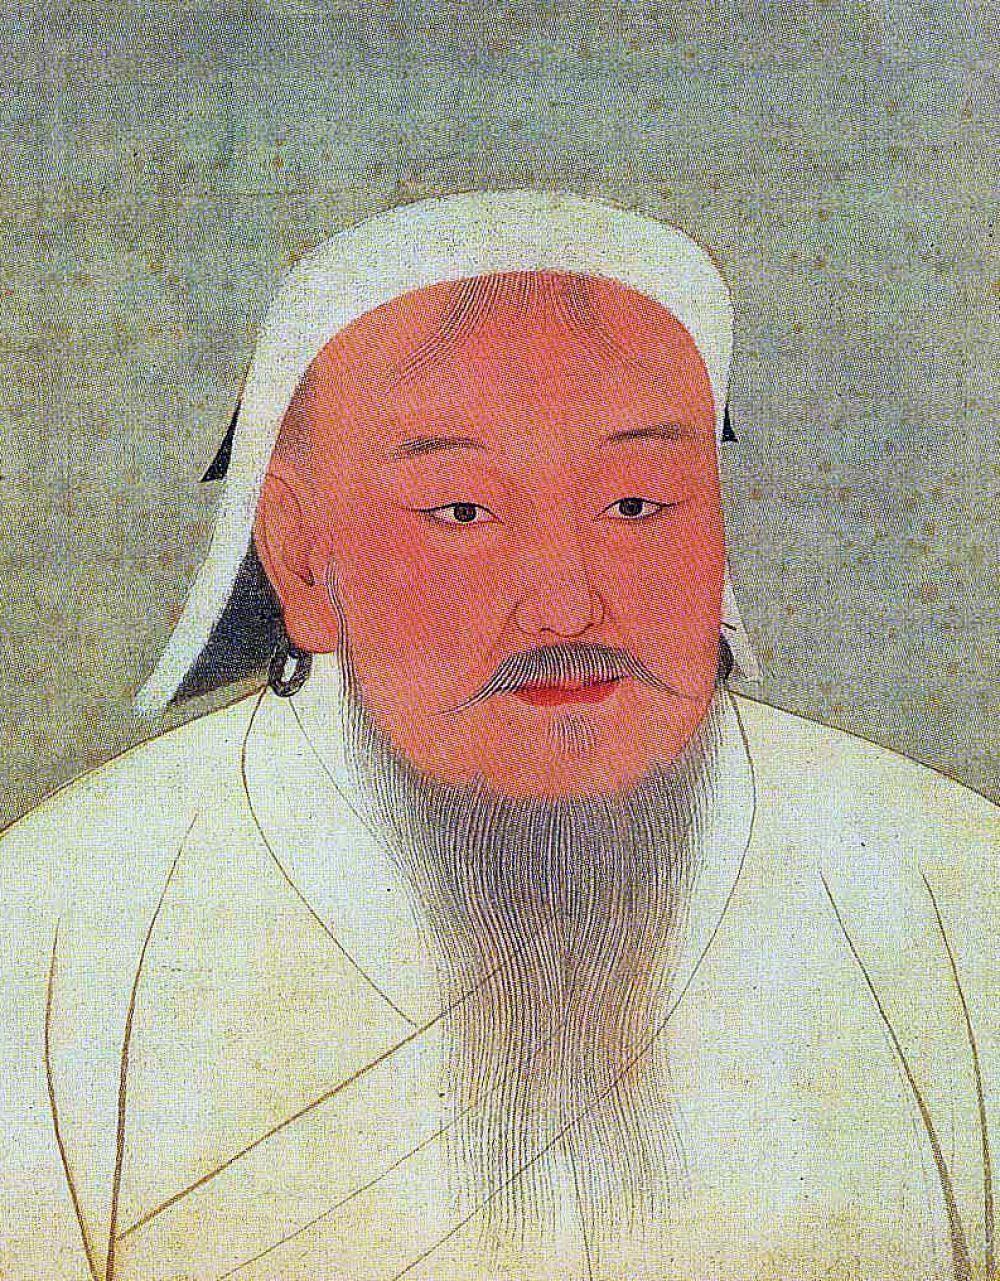 По мнению экспертов Time, богатства Чингисхана хватило лишь на то, чтобы занять 10 строчку в рейтинге. Точных оценок его состояния журнал не приводит, отмечается только, что он владел множеством земель.